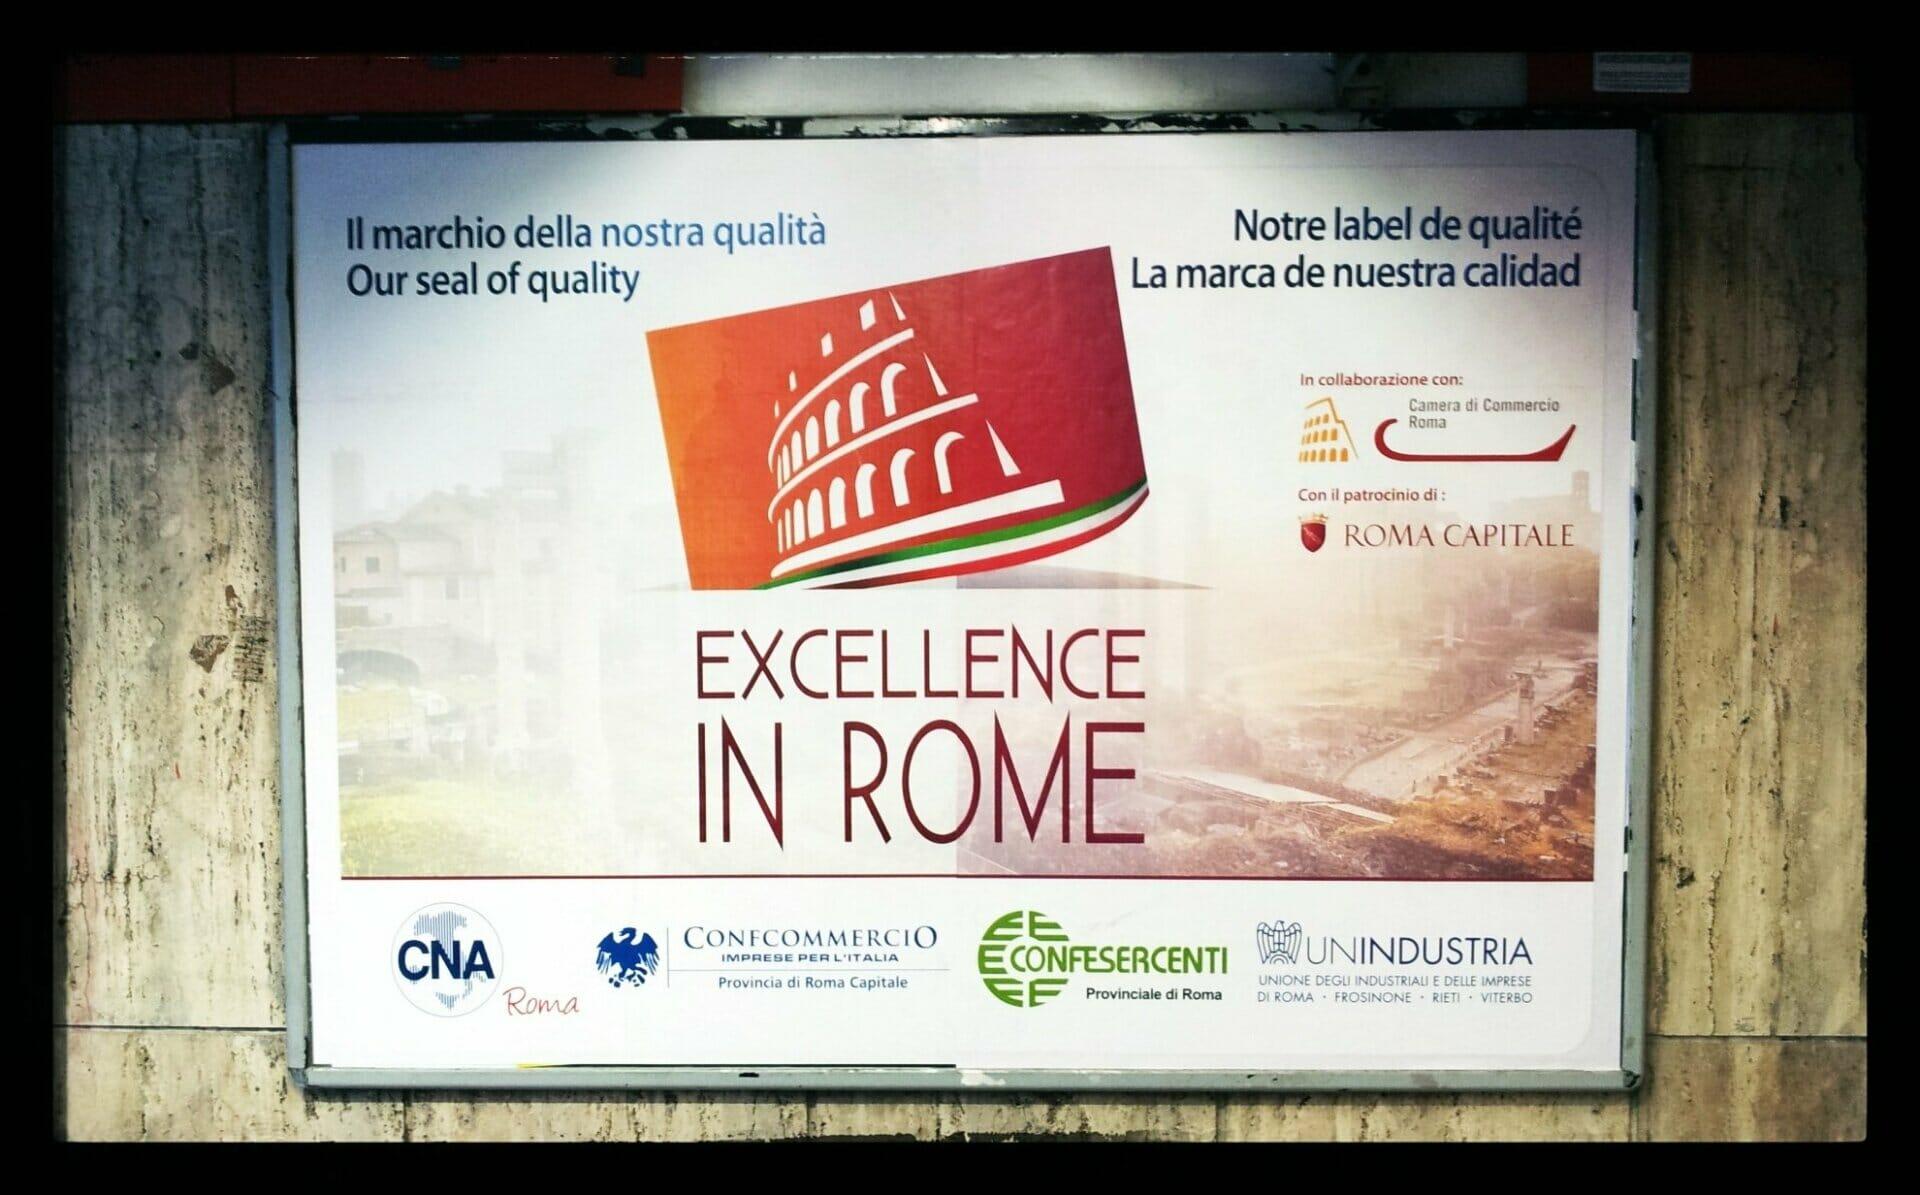 Excellence in Rome ~ Sartoria Scavelli Roma